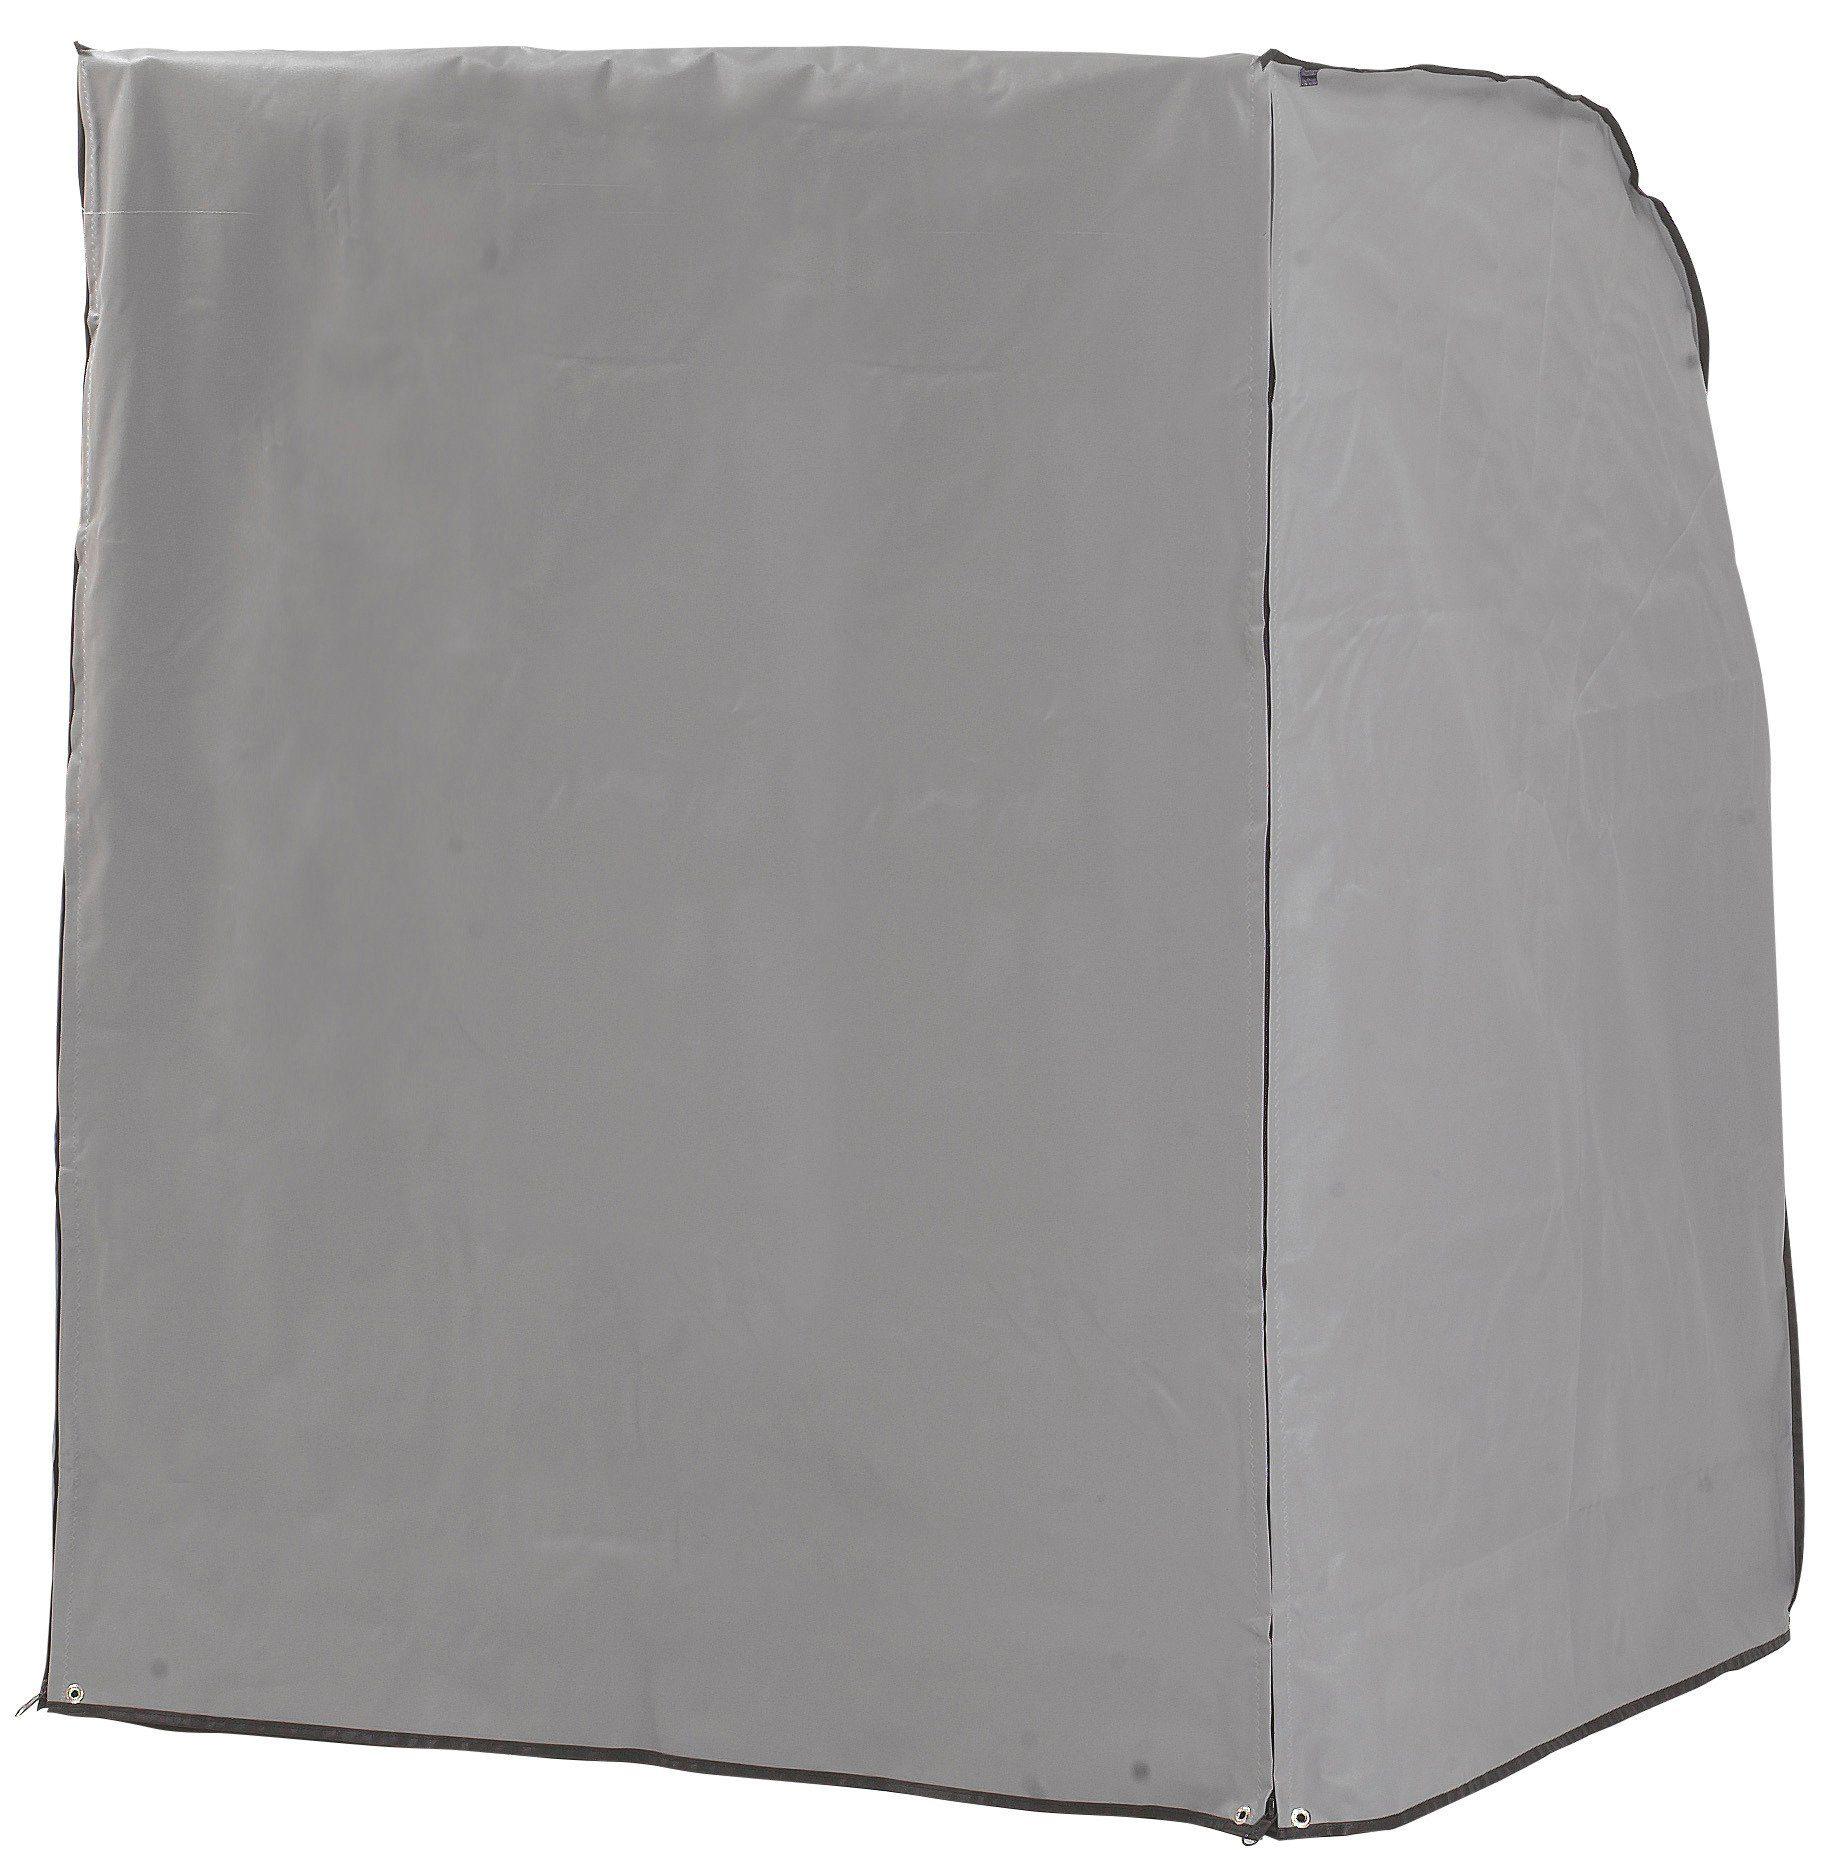 Strandkorb Schutzhülle für 2-Sitzer XL, Steingrau